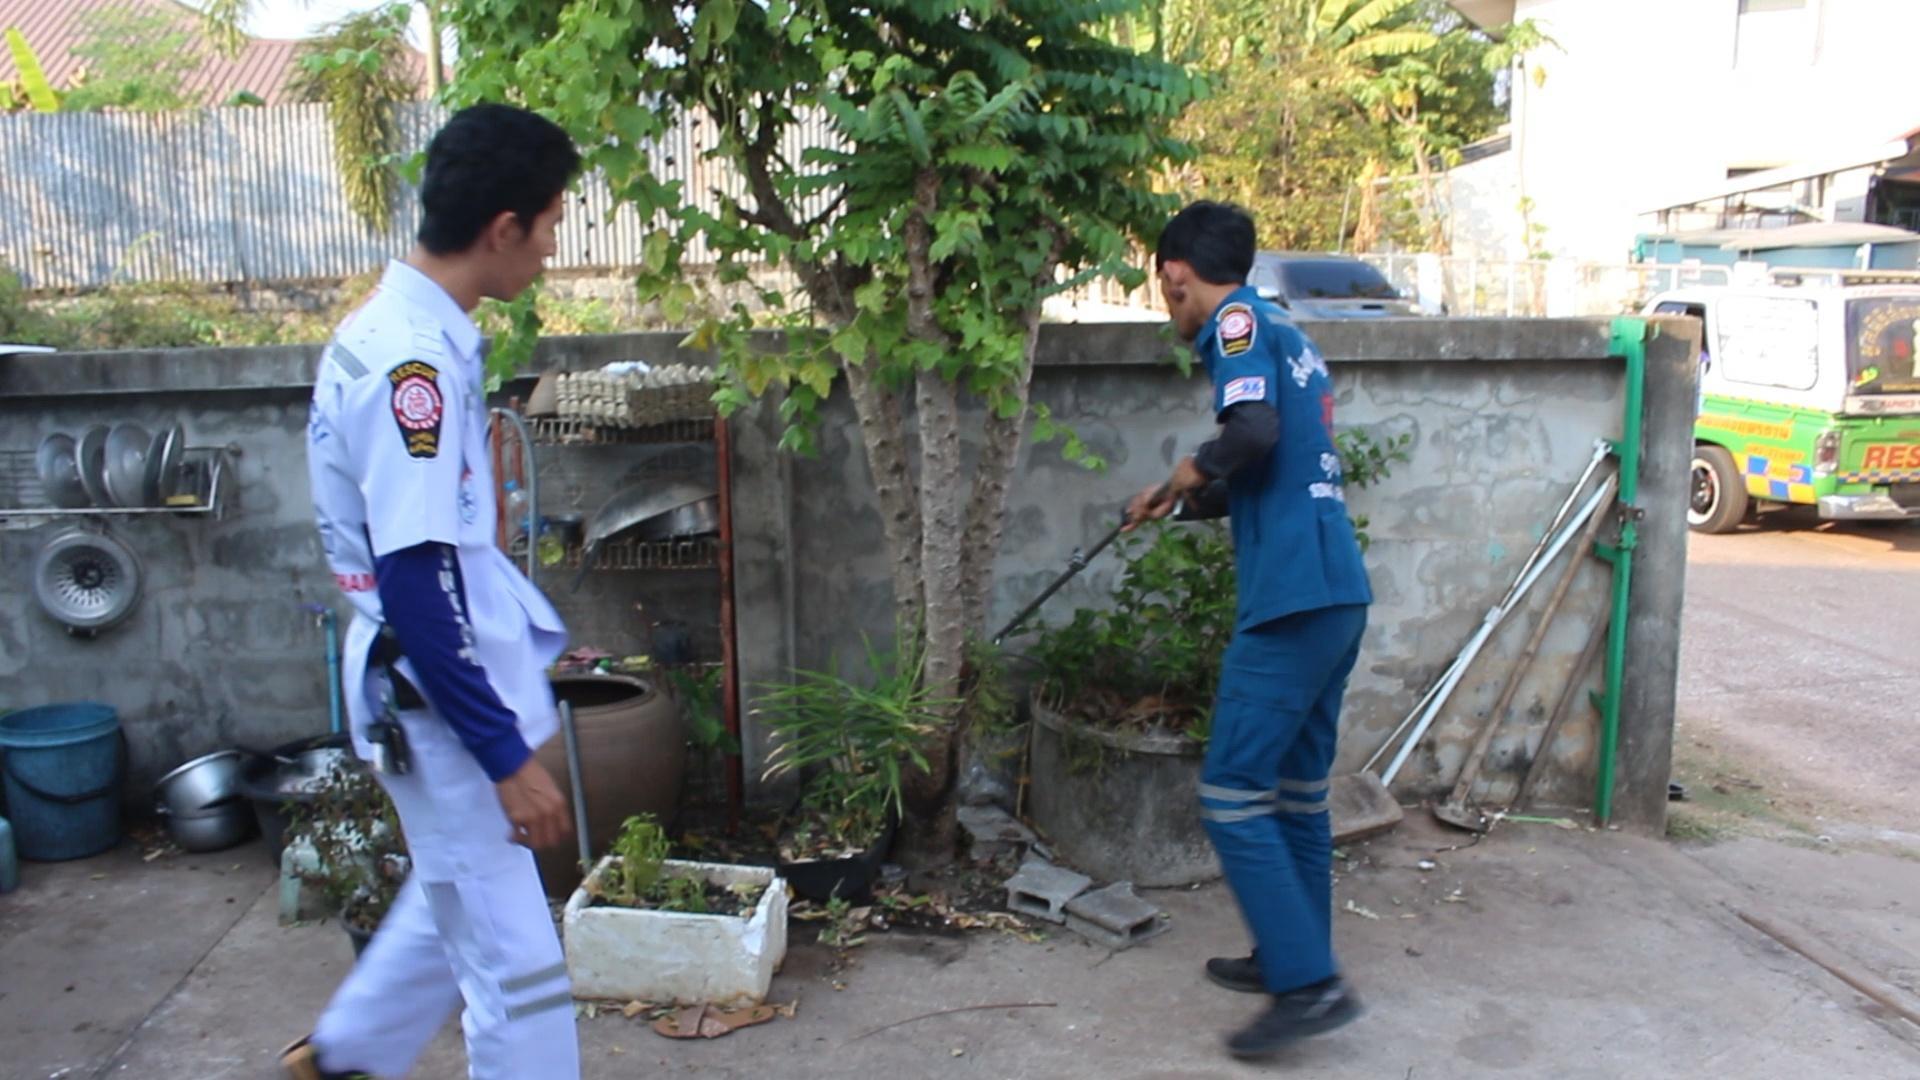 Dogilike.com :: สู้สุดใจ! �เจ้าเพชร� สุนัขไทยหลังอานปกป้องเจ้านายจากงูเห่าเข้าบ้าน